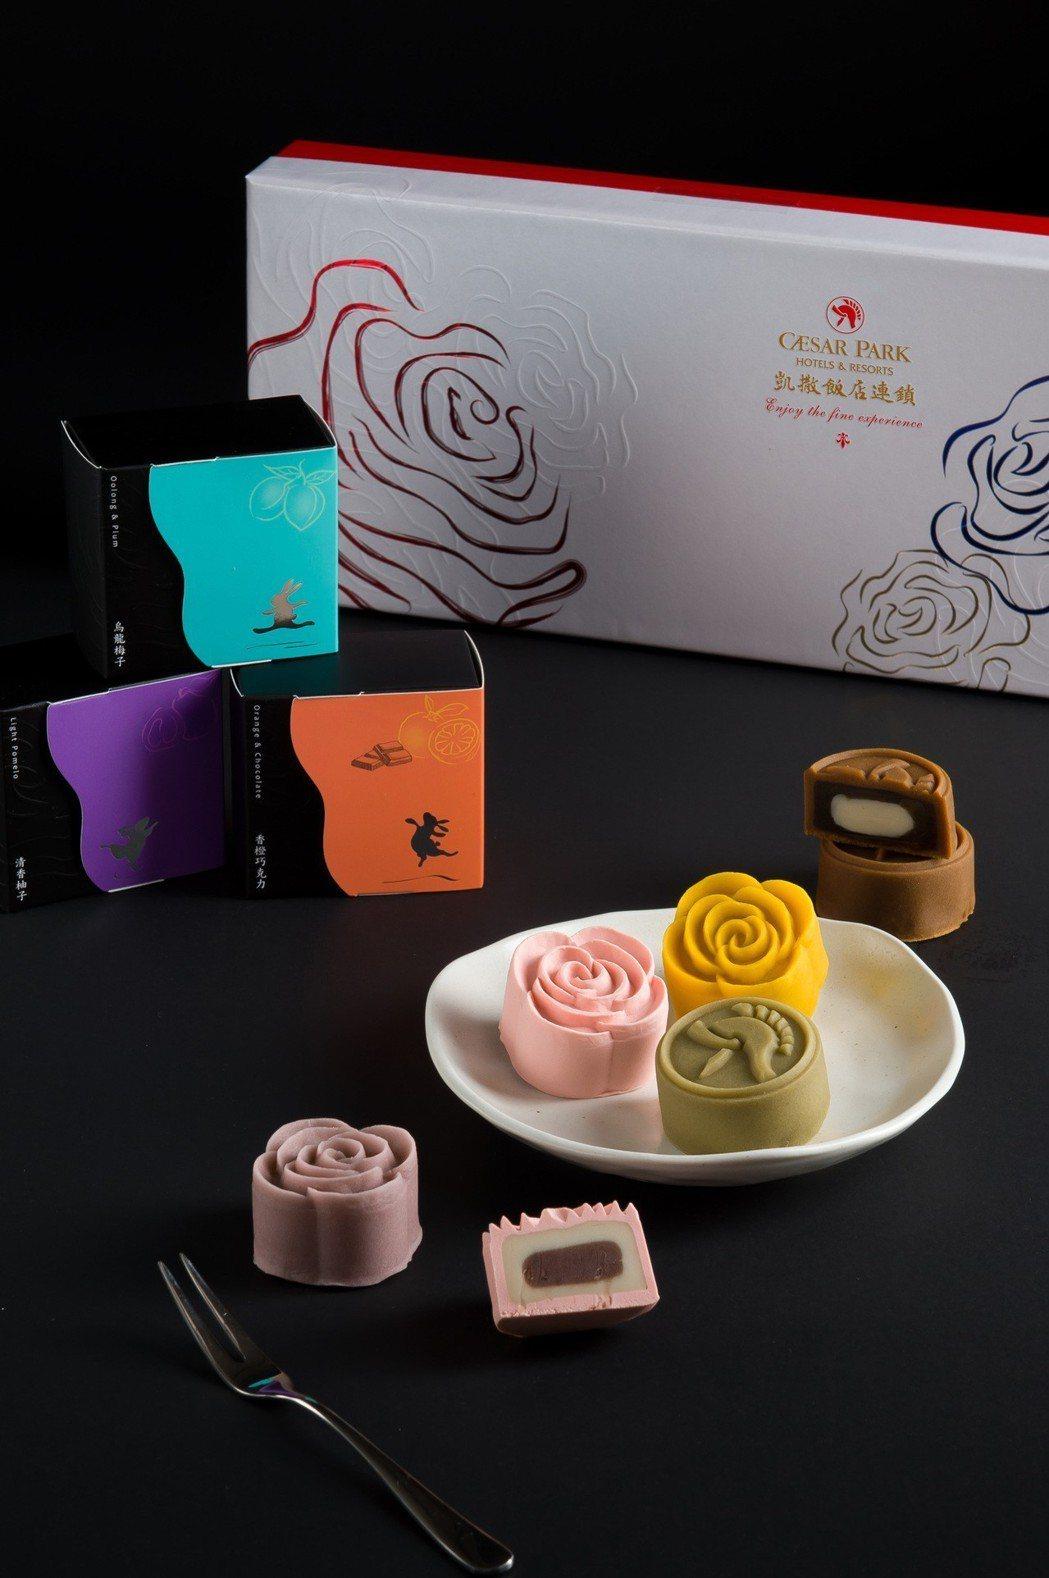 『果漾禮盒』以整體討喜的玫瑰造型,及象徵凱撒飯店連鎖的武士盔,營造月餅禮盒及口味...